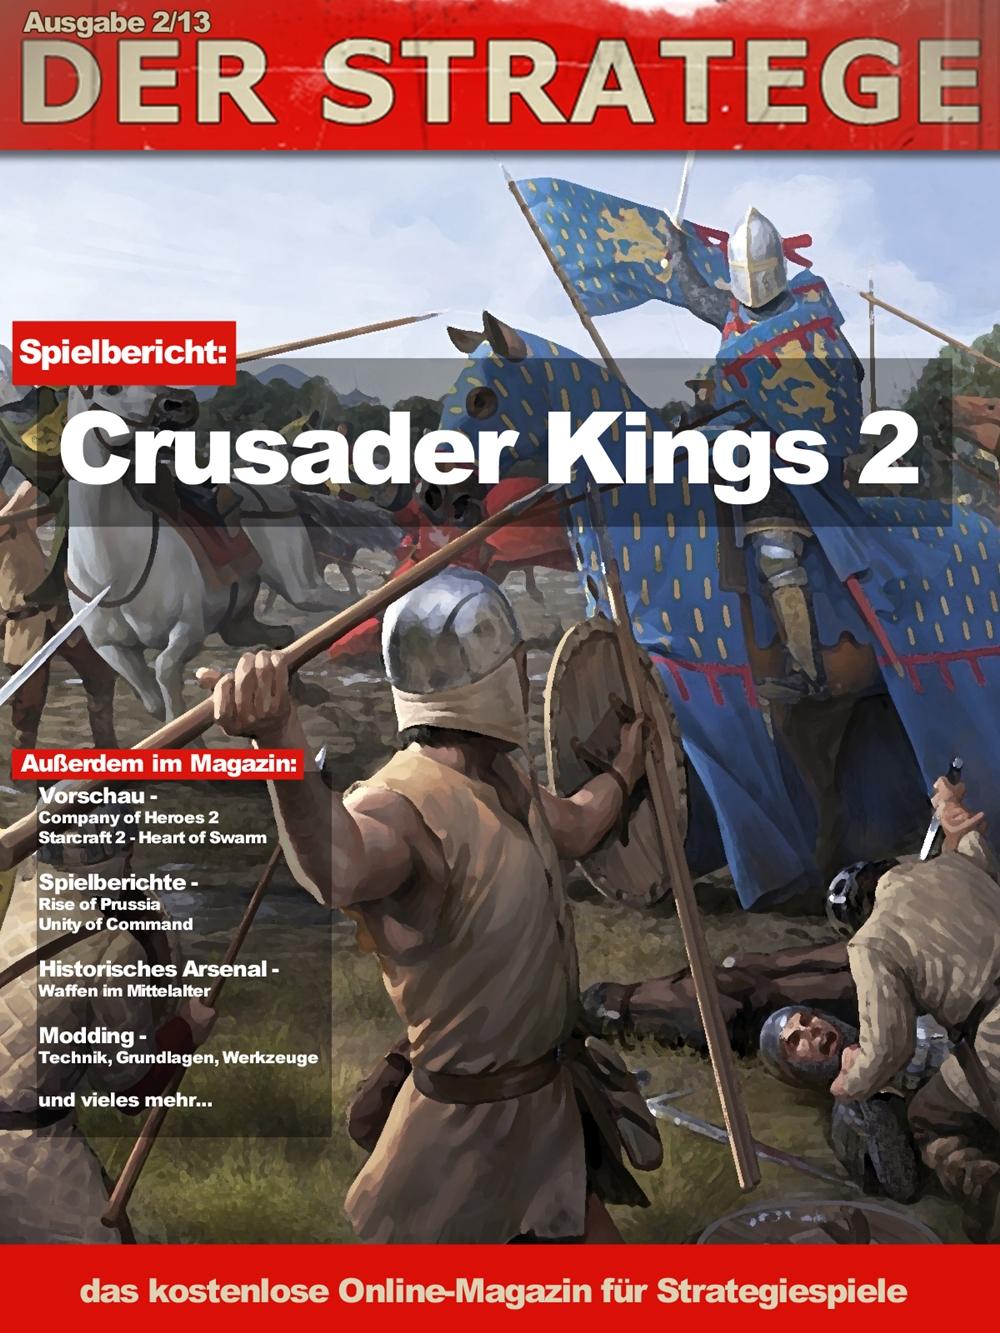 Der Stratege - Ausgabe 2/13 Titelseite